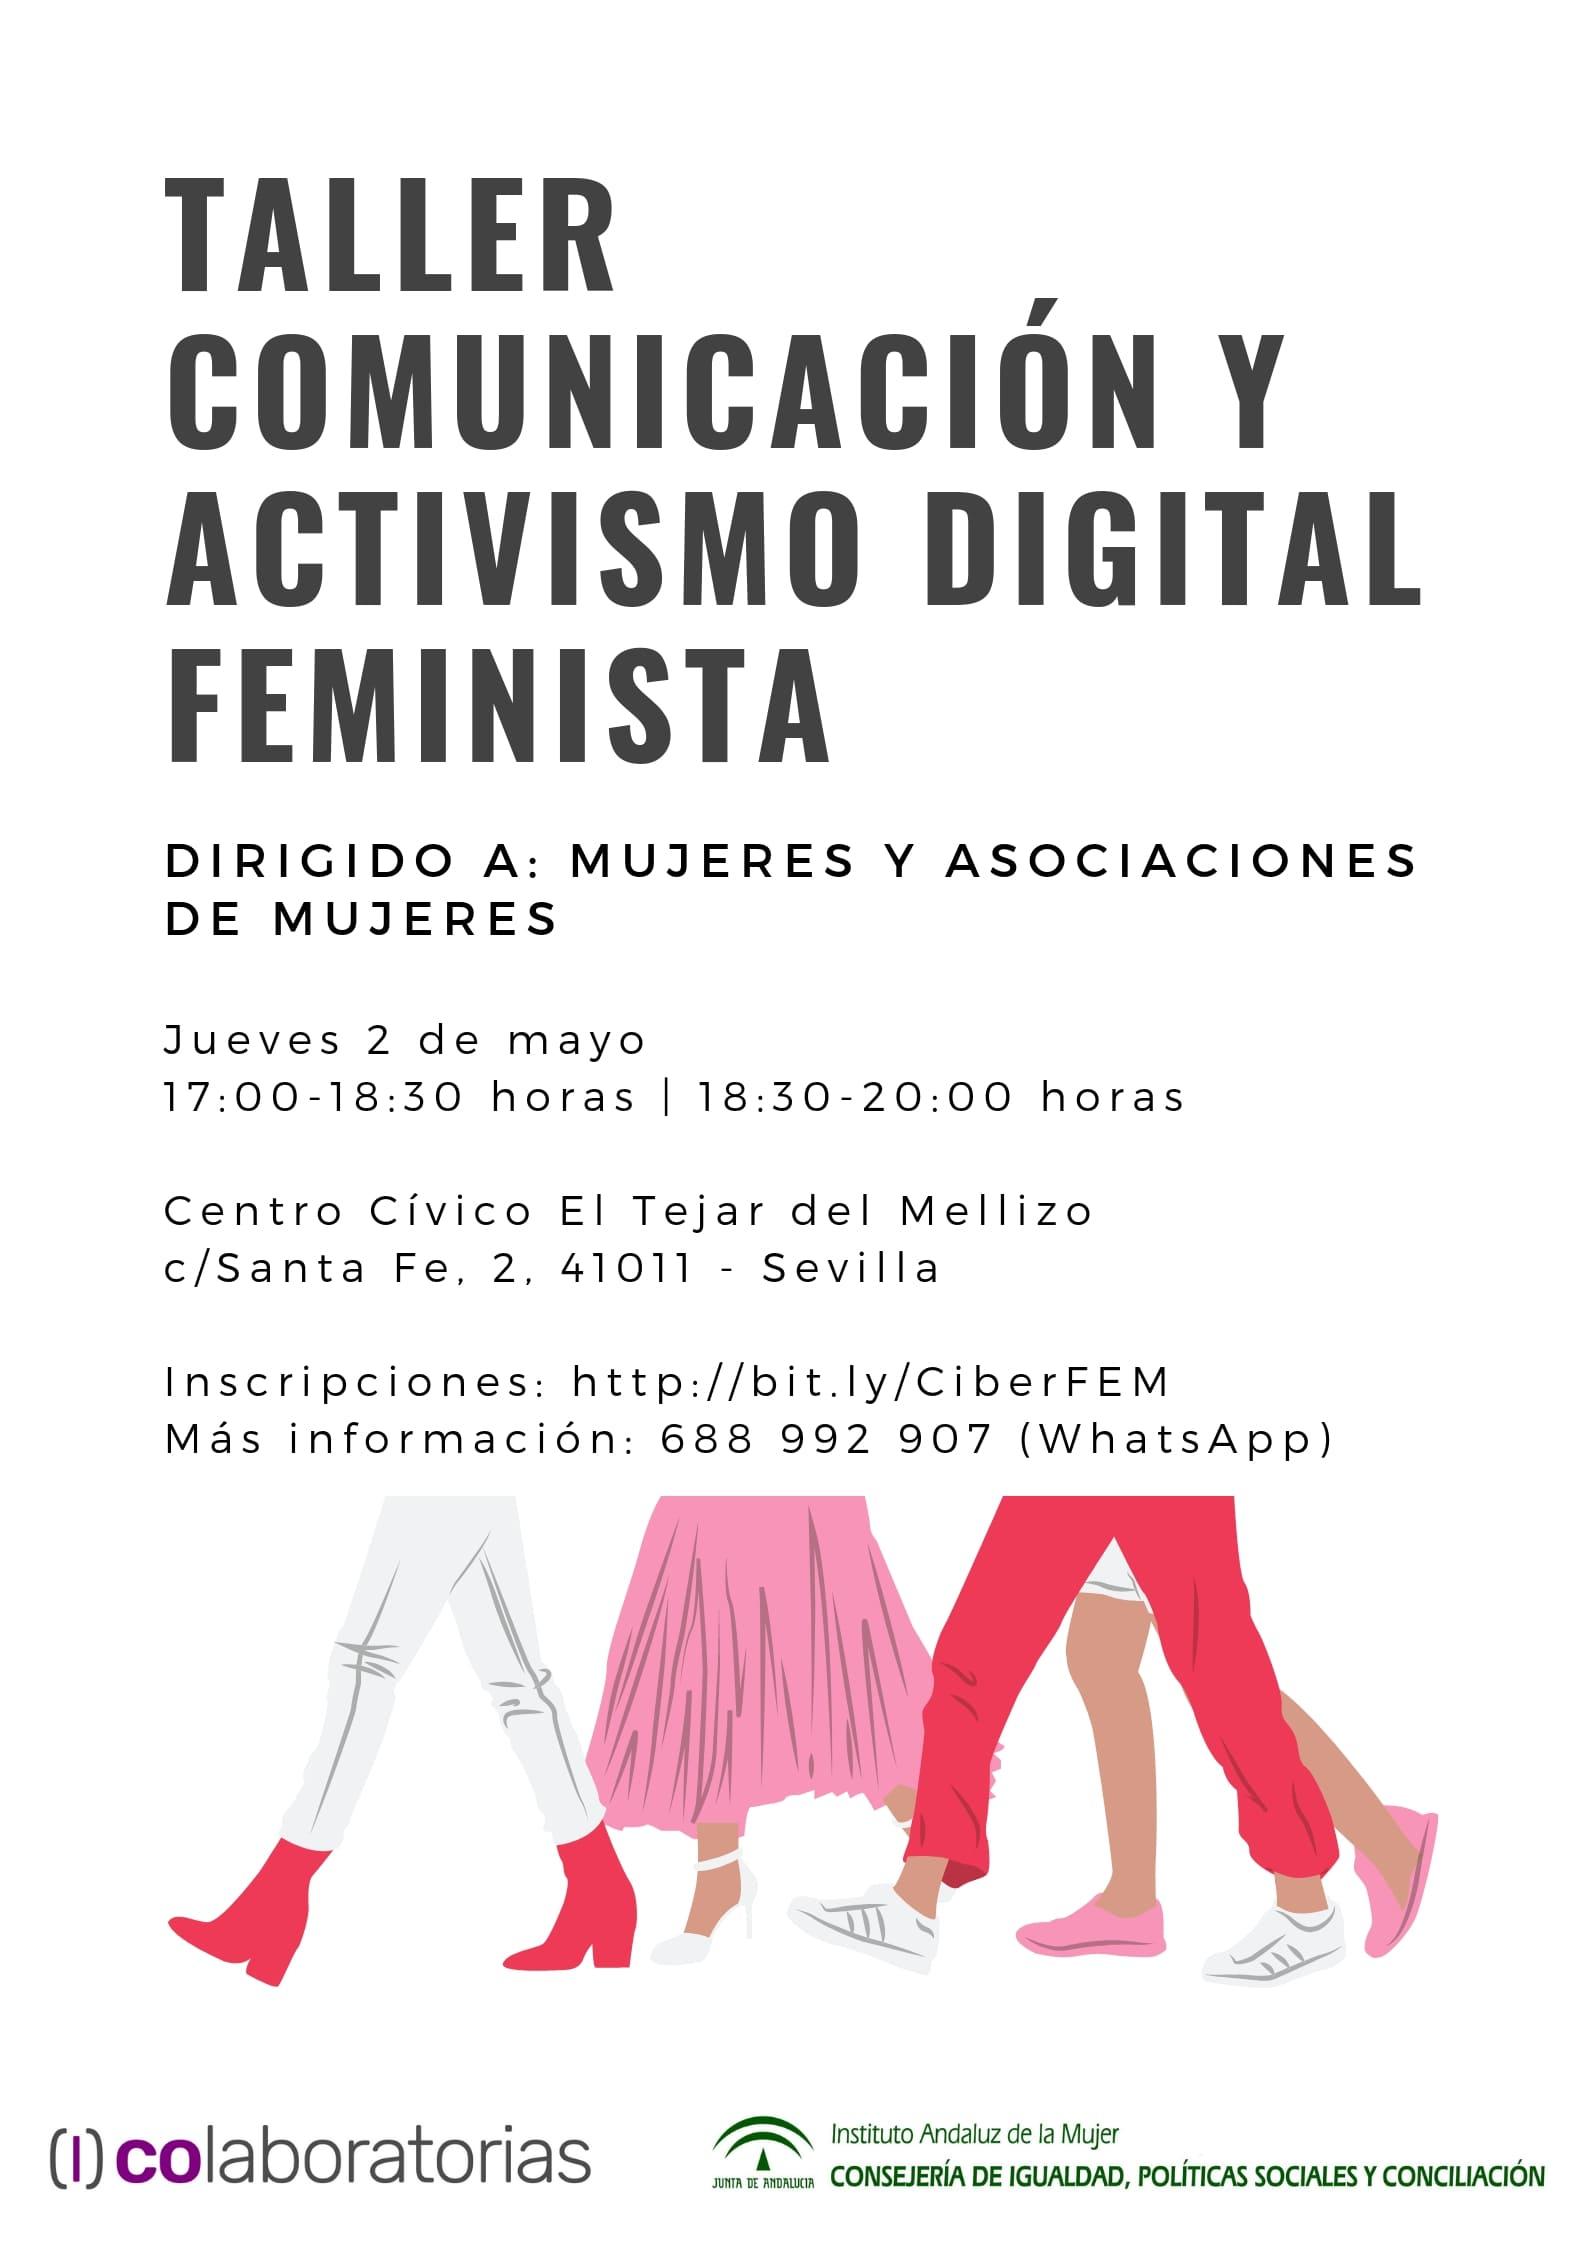 Taller activismo feminista Colaboratorias